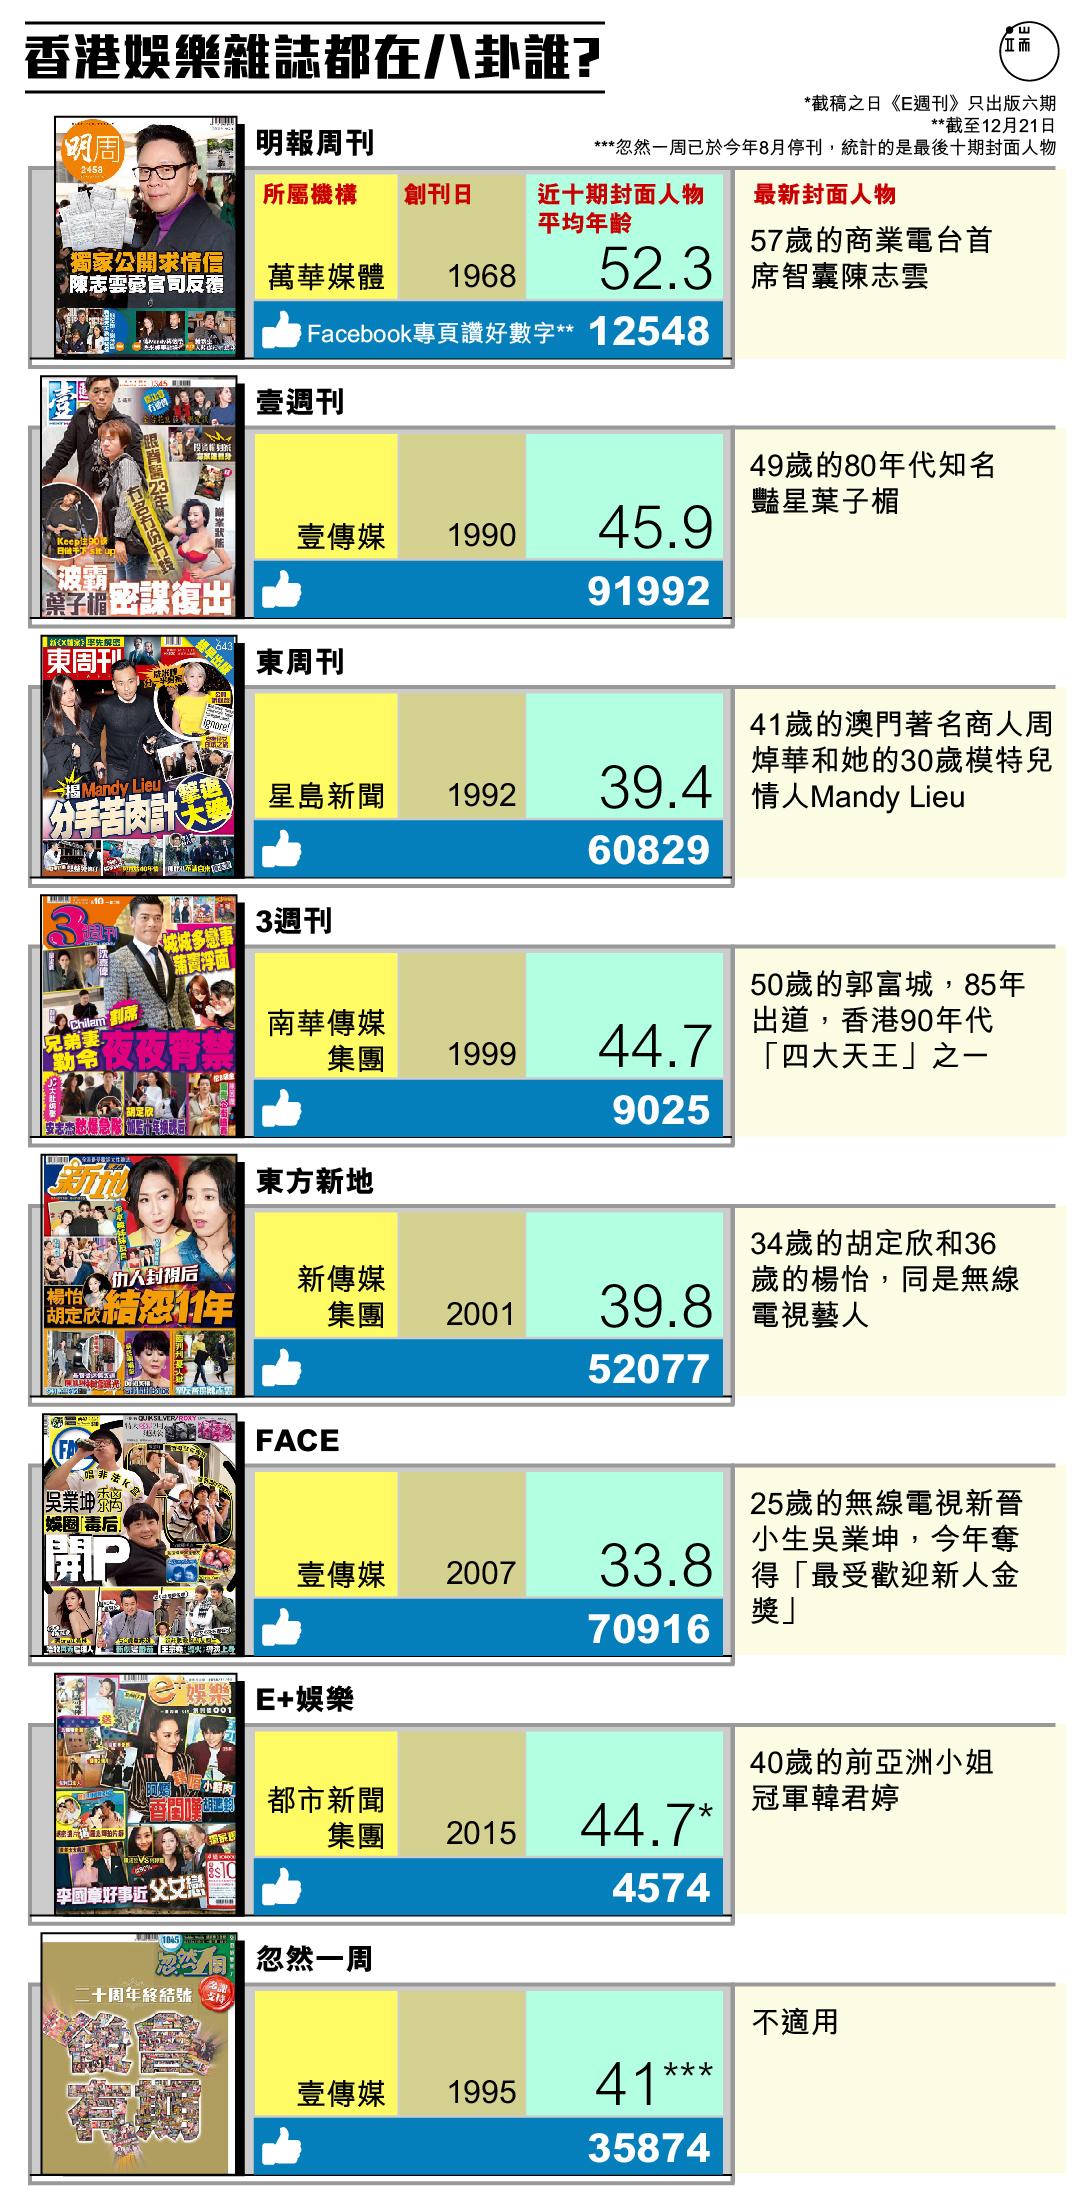 香港娛樂雜誌都在八卦誰?圖:端傳媒設計部